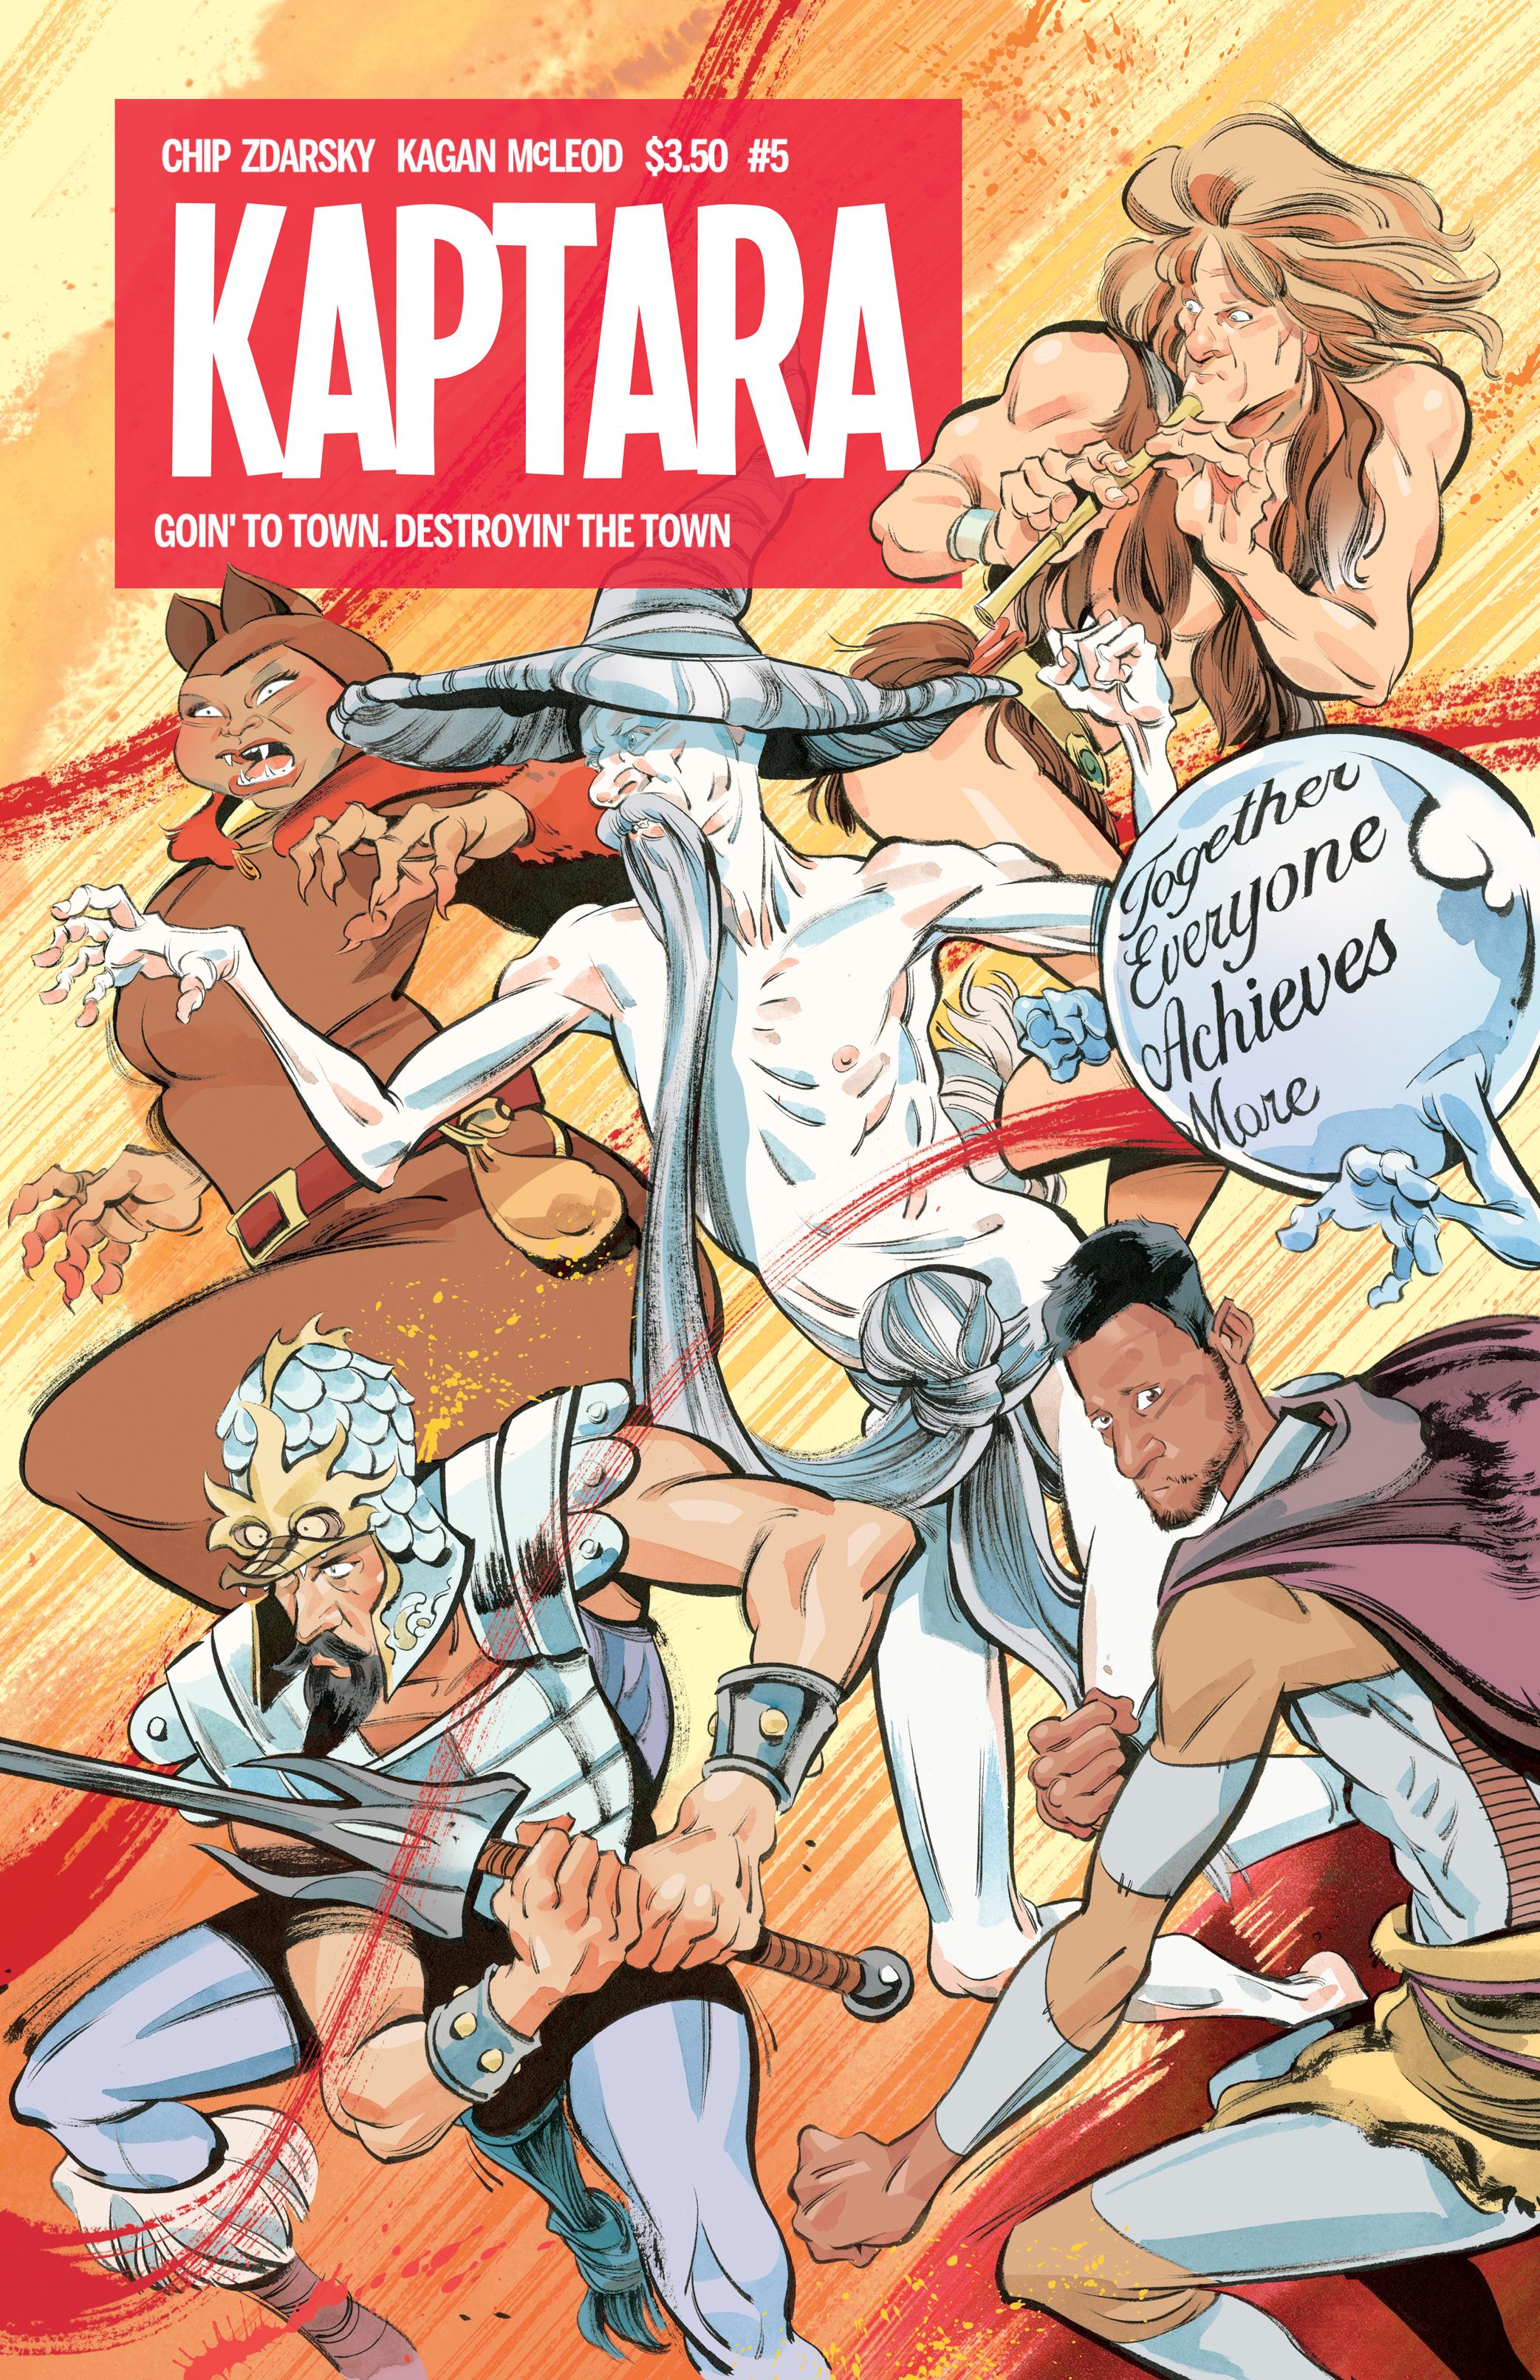 Kaptara - Image Comics